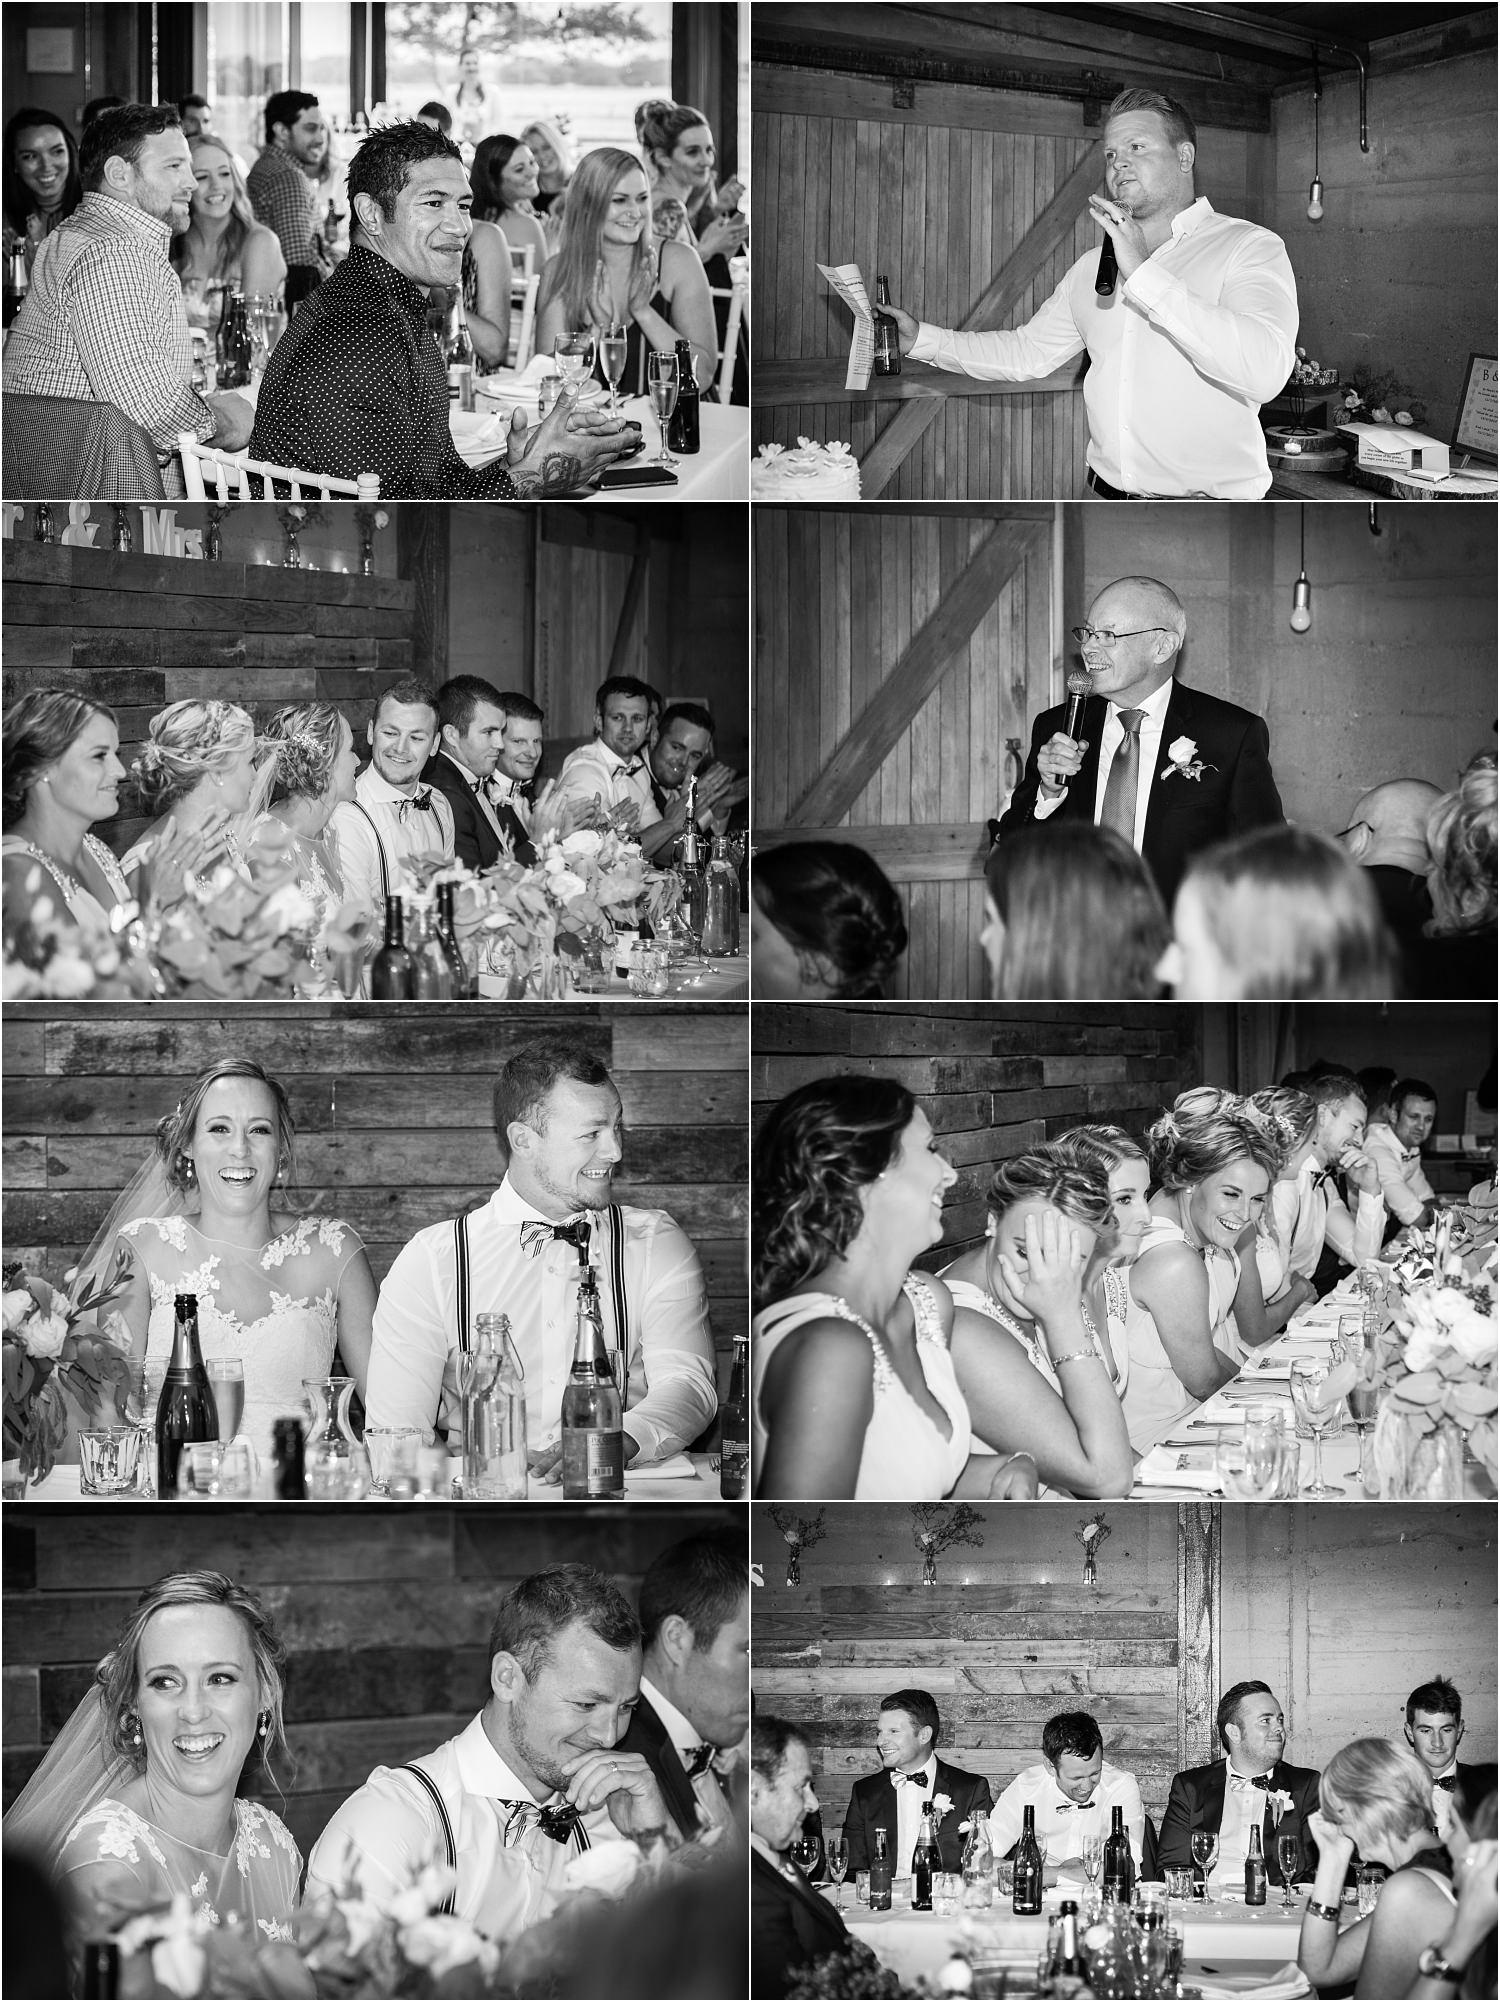 central-otago-wedding-photography-fluidphoto-83.jpg